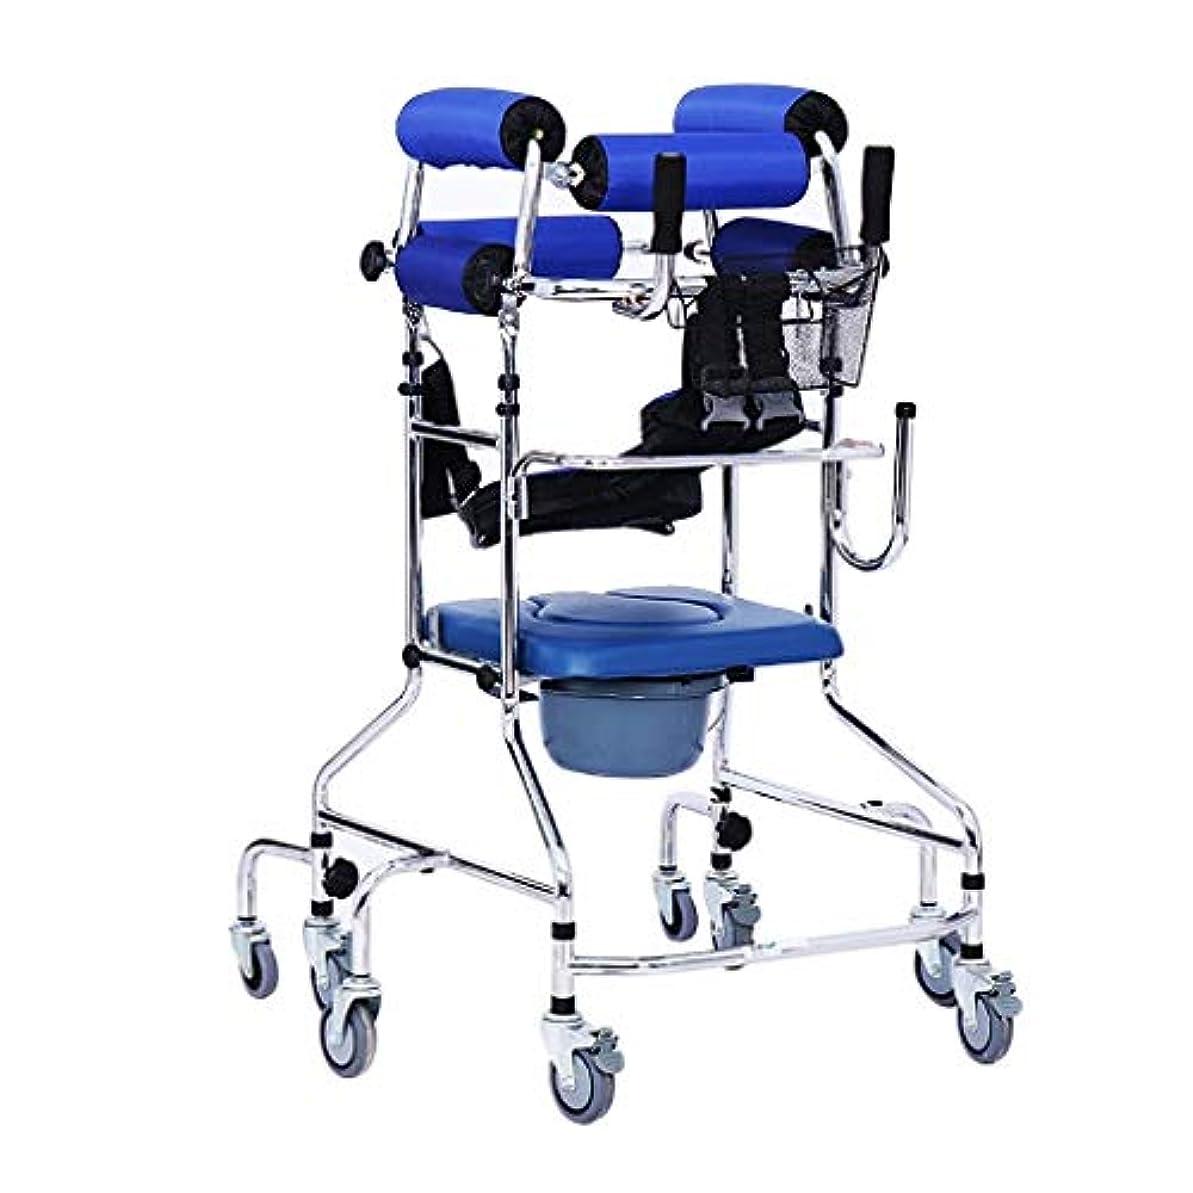 モーター腐敗したイソギンチャクBNSDMM 步行器 ウォーカー - 高齢者障害者用補助付きスタンドスクータートイレ8ラウンド - 後退防止プラストイレタイプ下肢トレーニングリハビリ機器高齢者歩行者